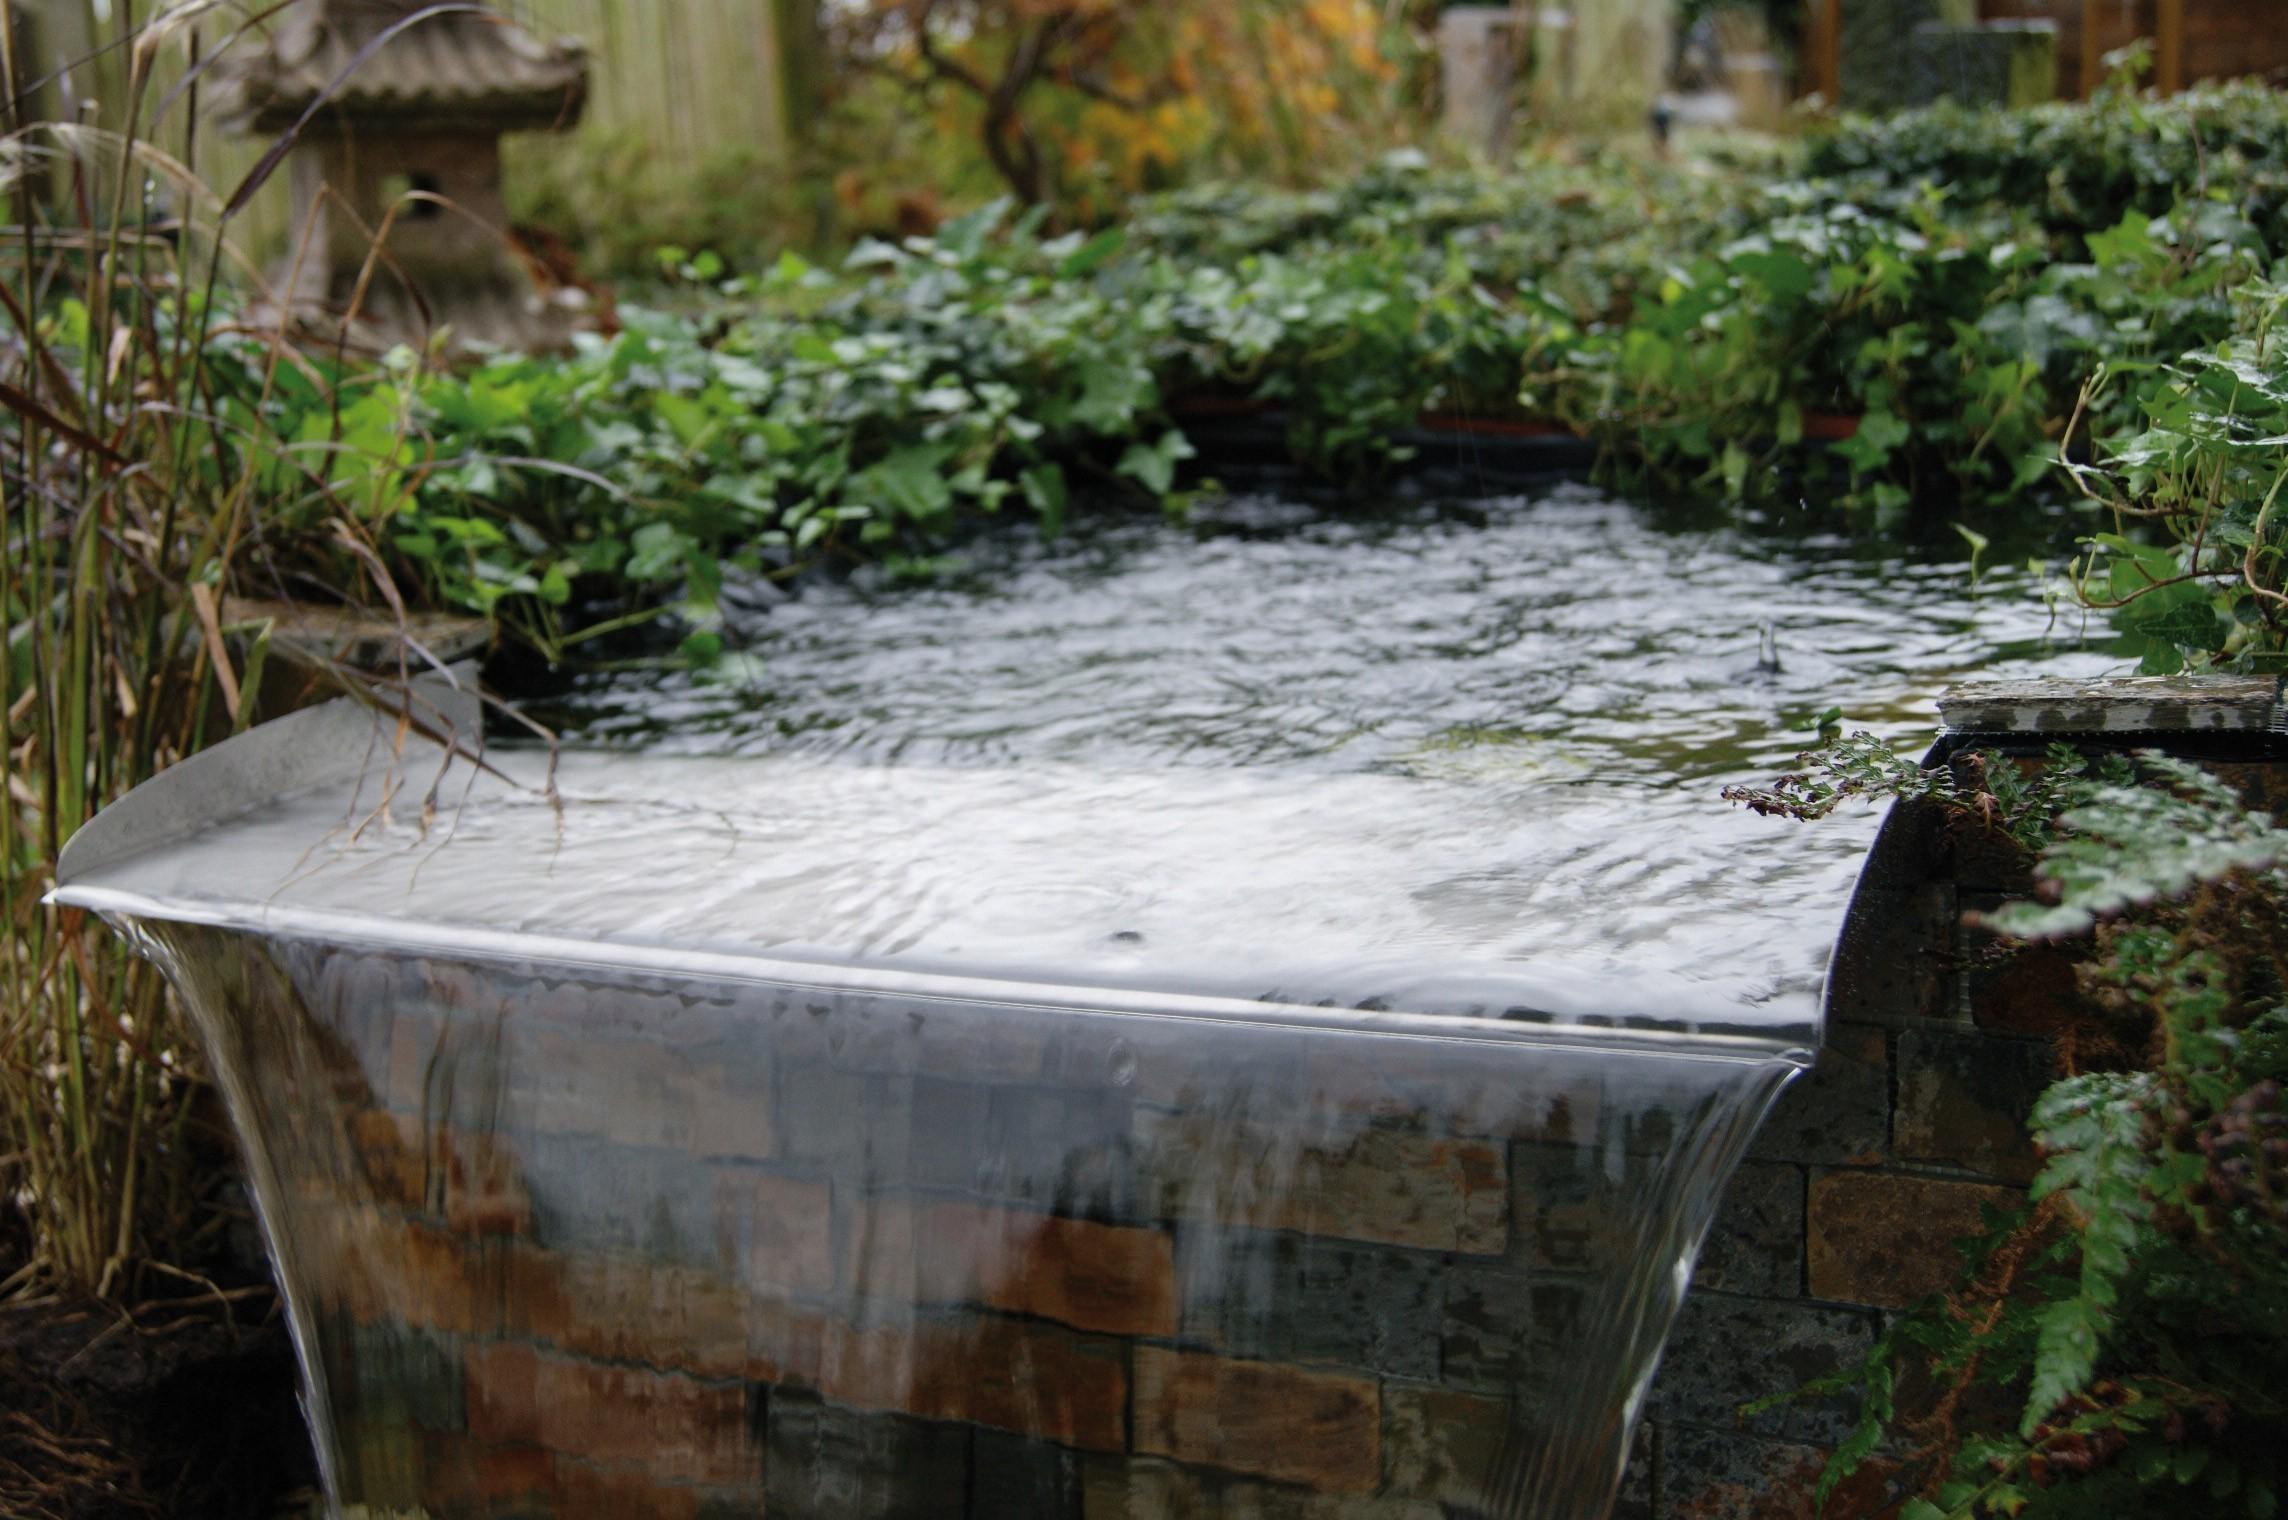 Ubbink edelstahl berlauf element brisbane 60cm bachlauf for Gartenteich edelstahl